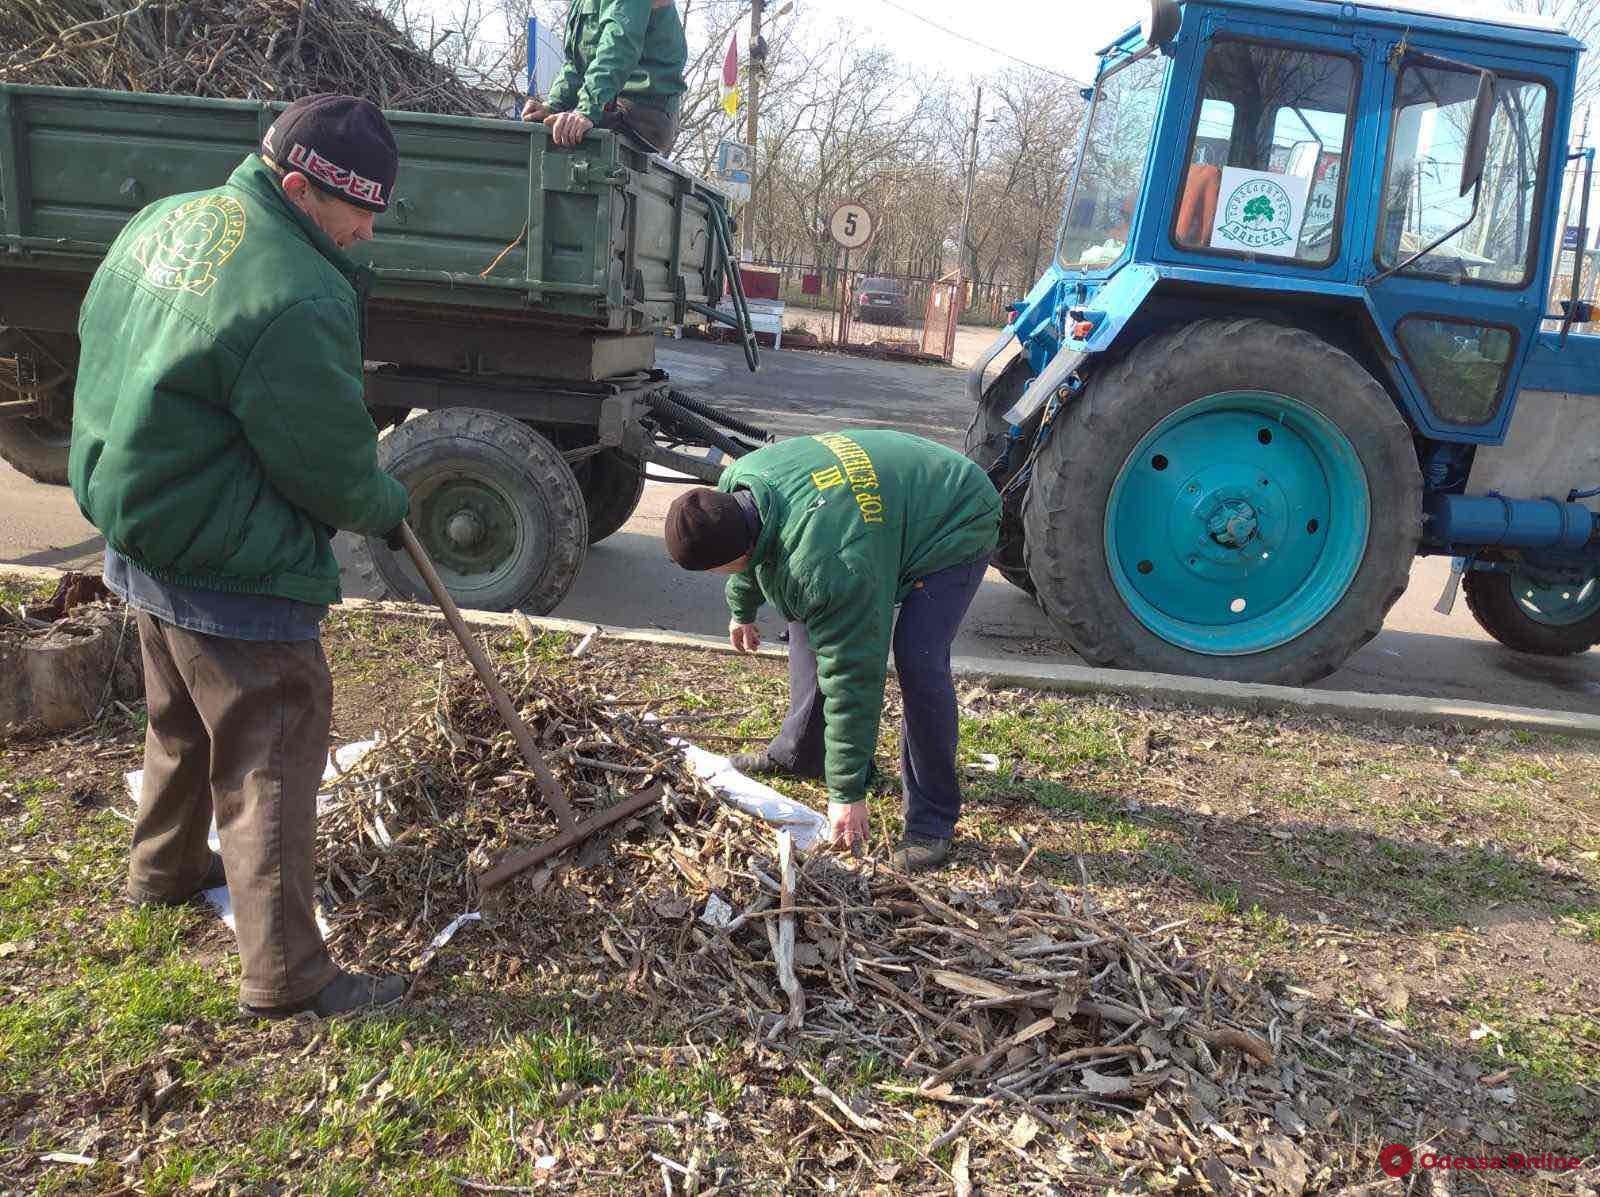 Одесские коммунальщики провели генеральную уборку въездов в город